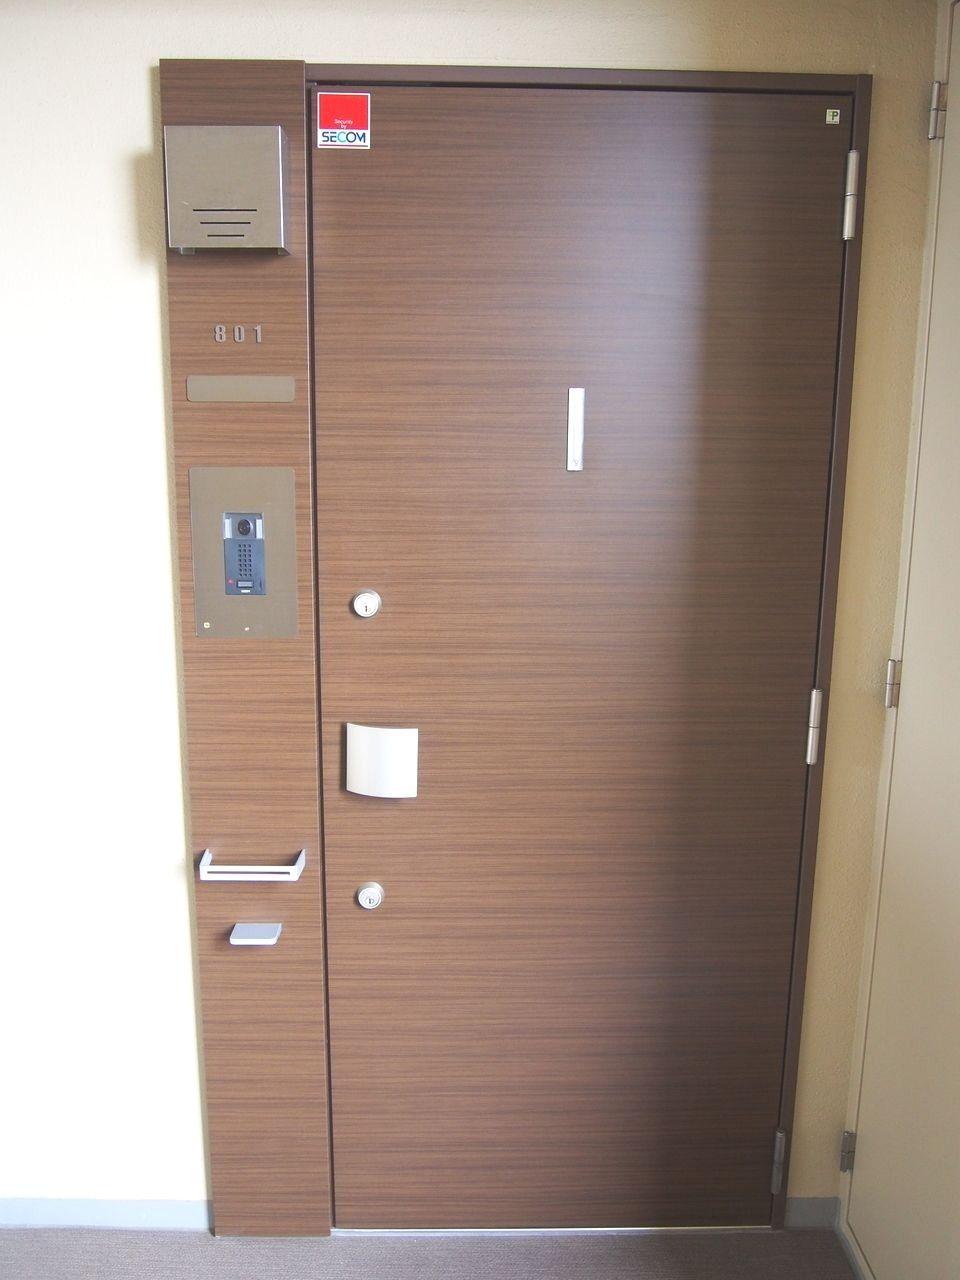 耐震玄関ドア枠は、地震による枠の変形を防ぎ室内への閉じ込めを防ぎます。